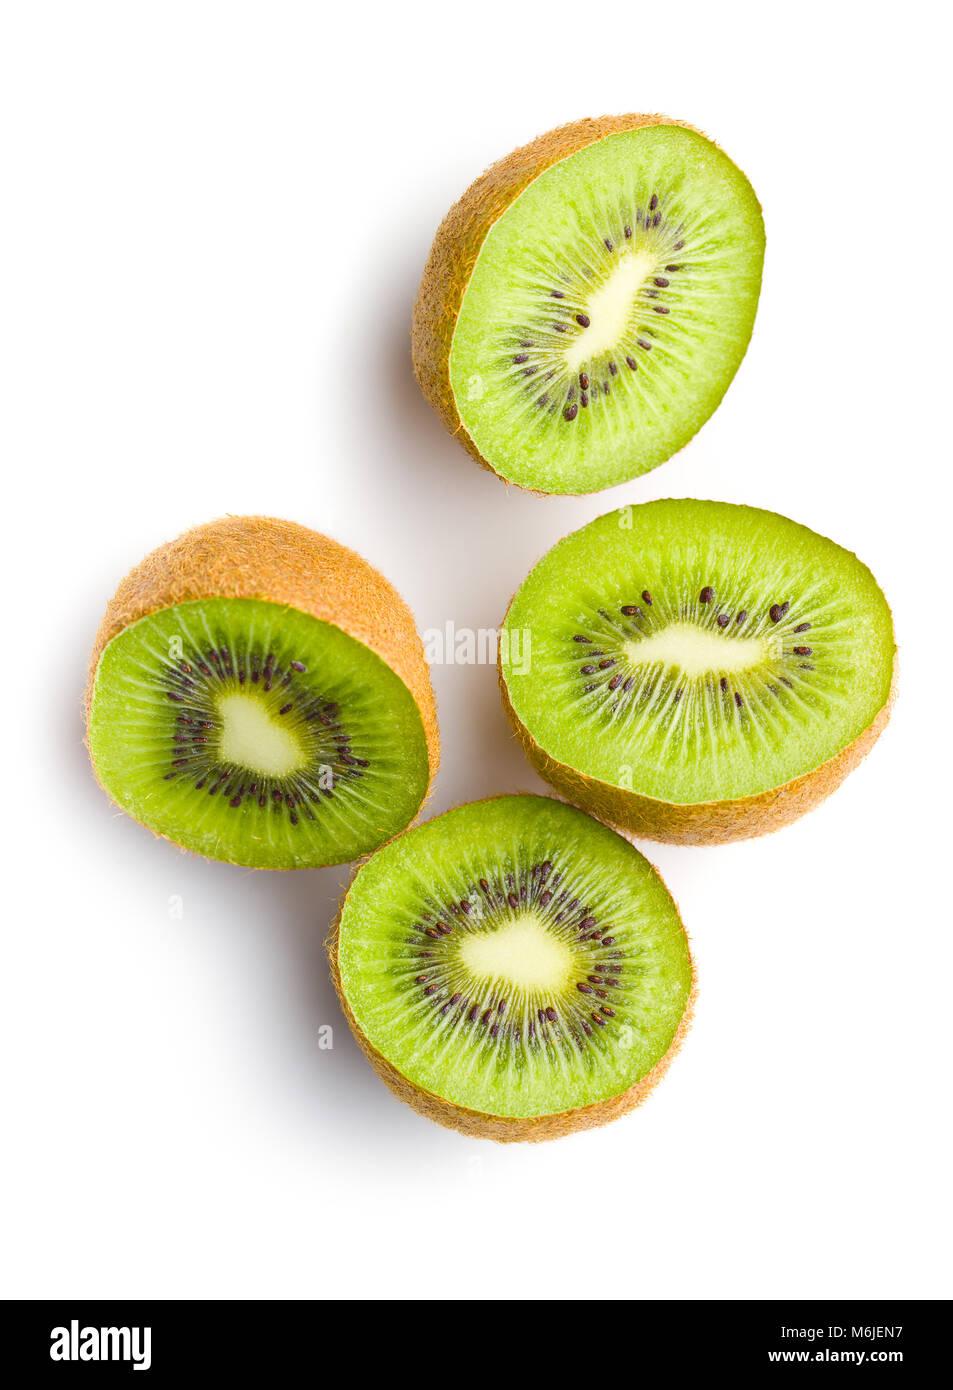 Halved kiwi fruit isolated on white background. - Stock Image